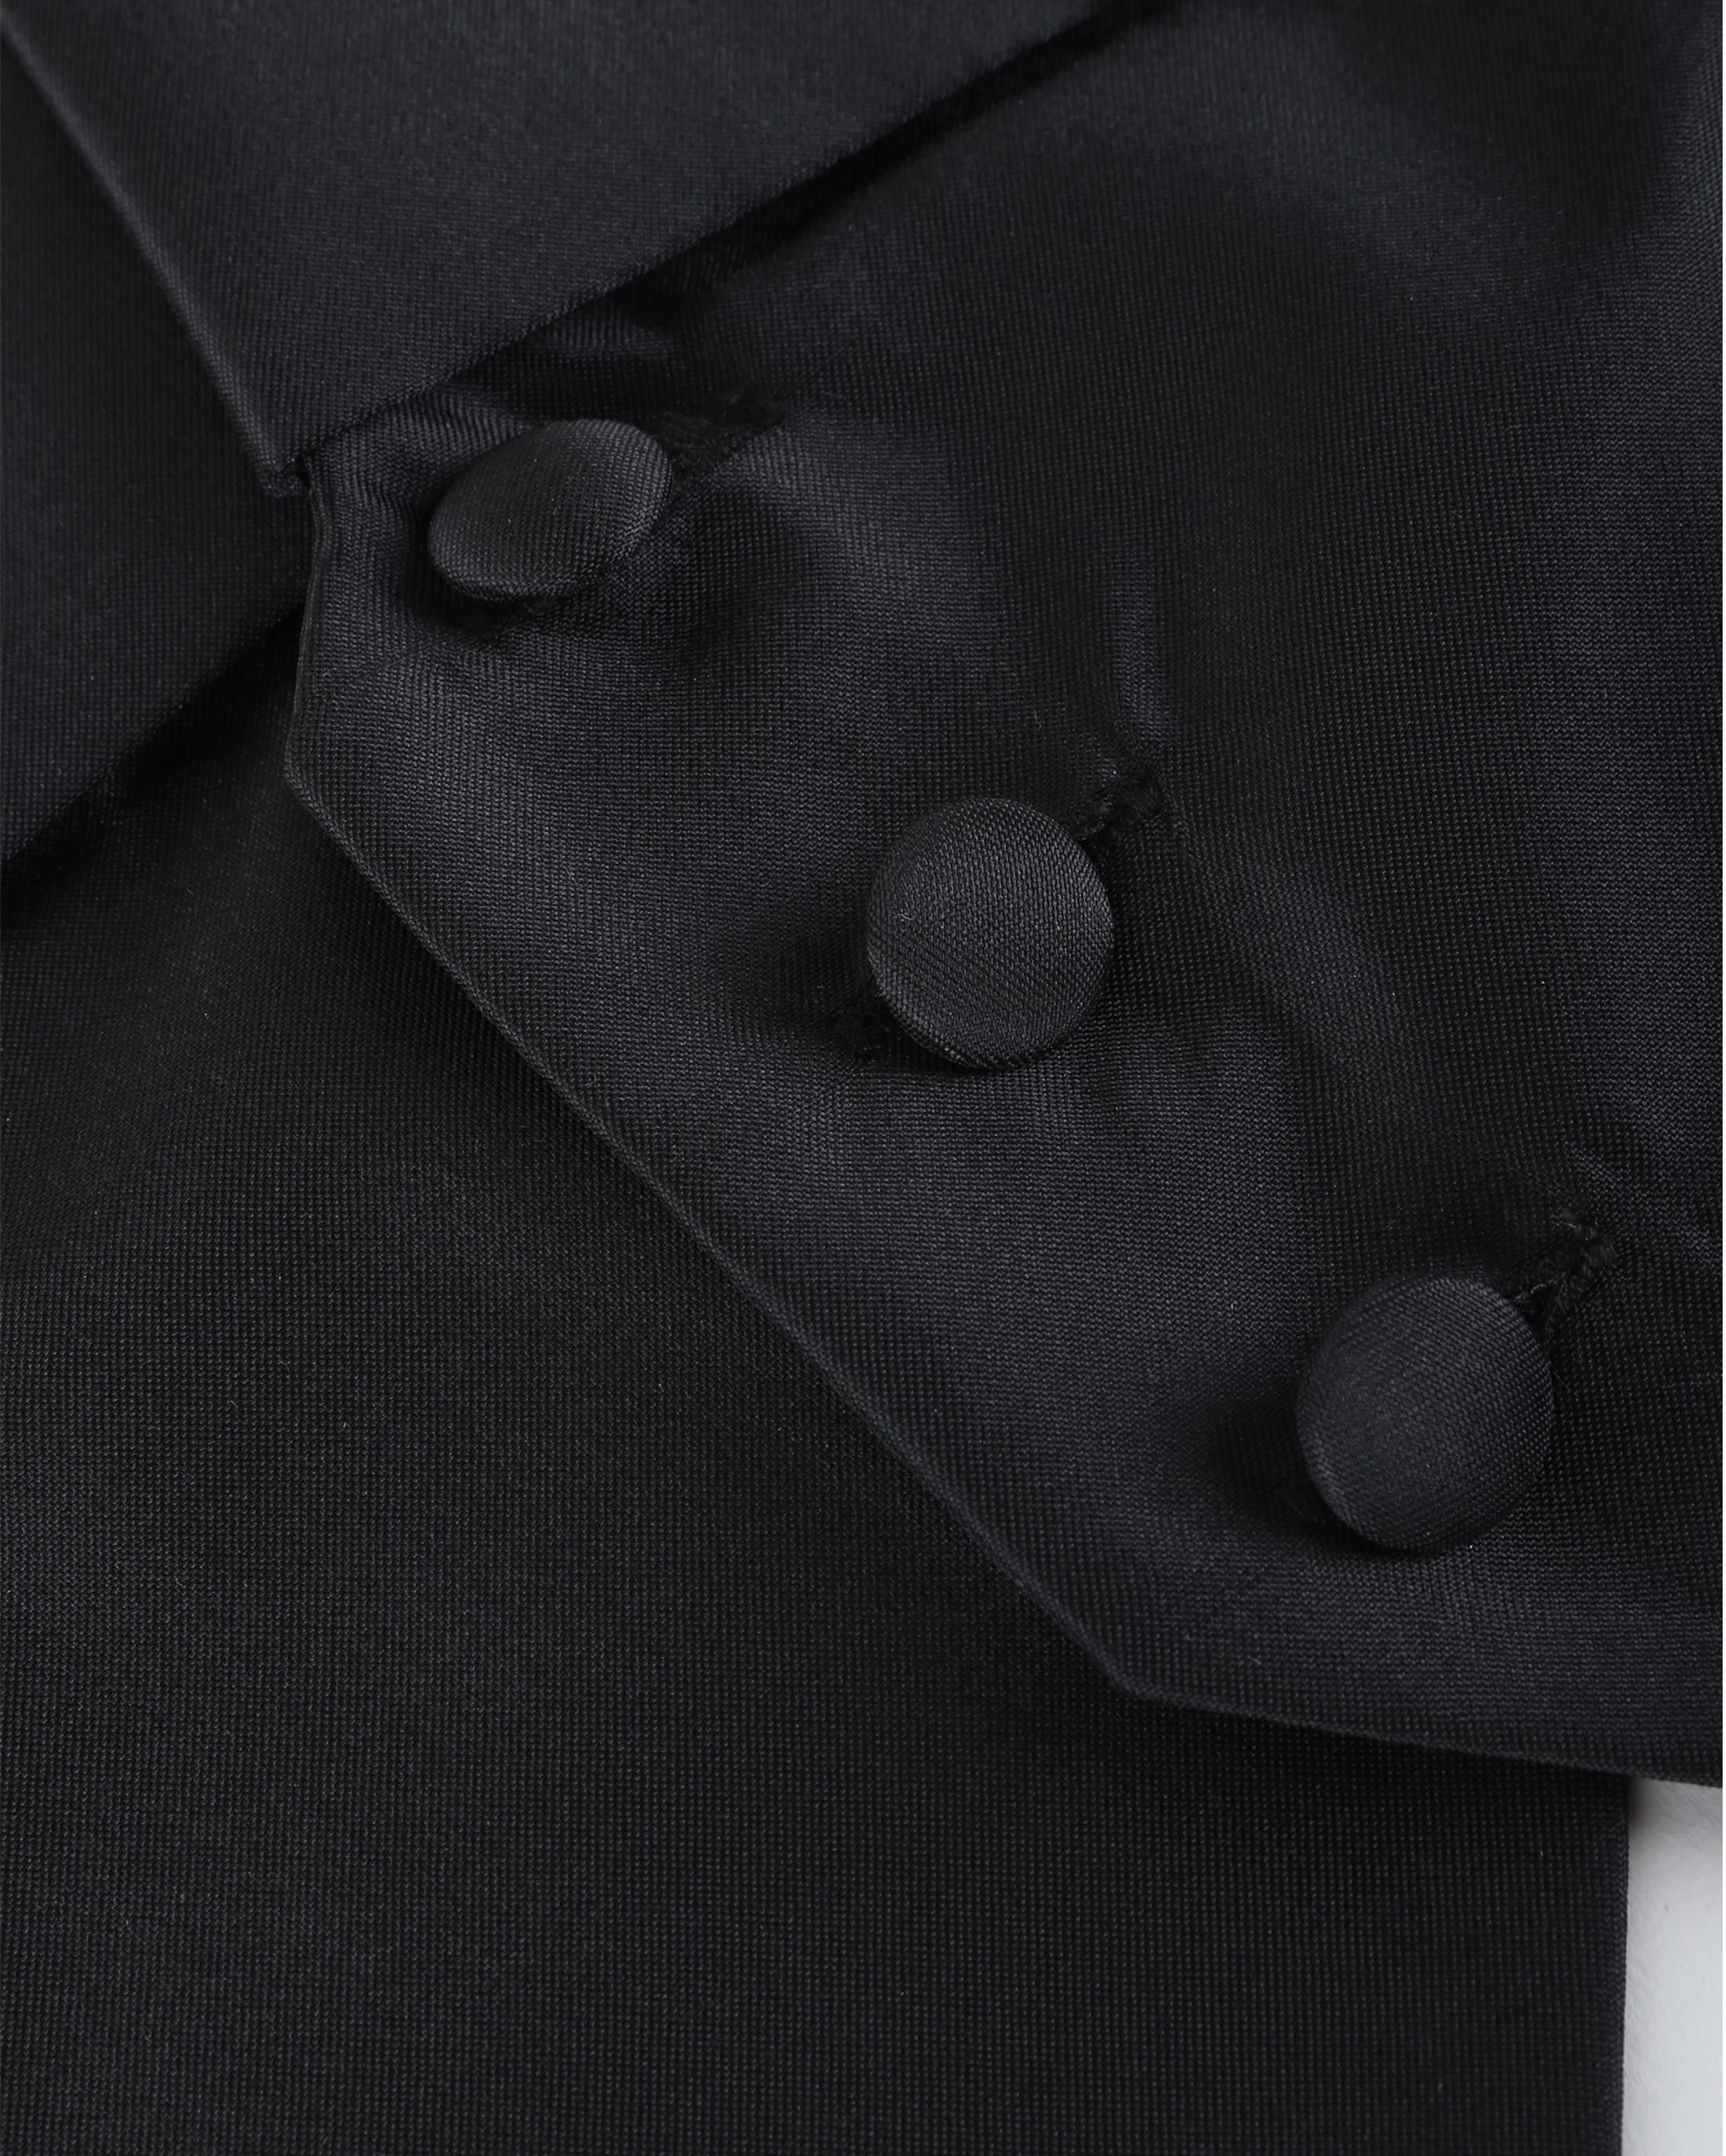 Rok Vest Zwart foto 1